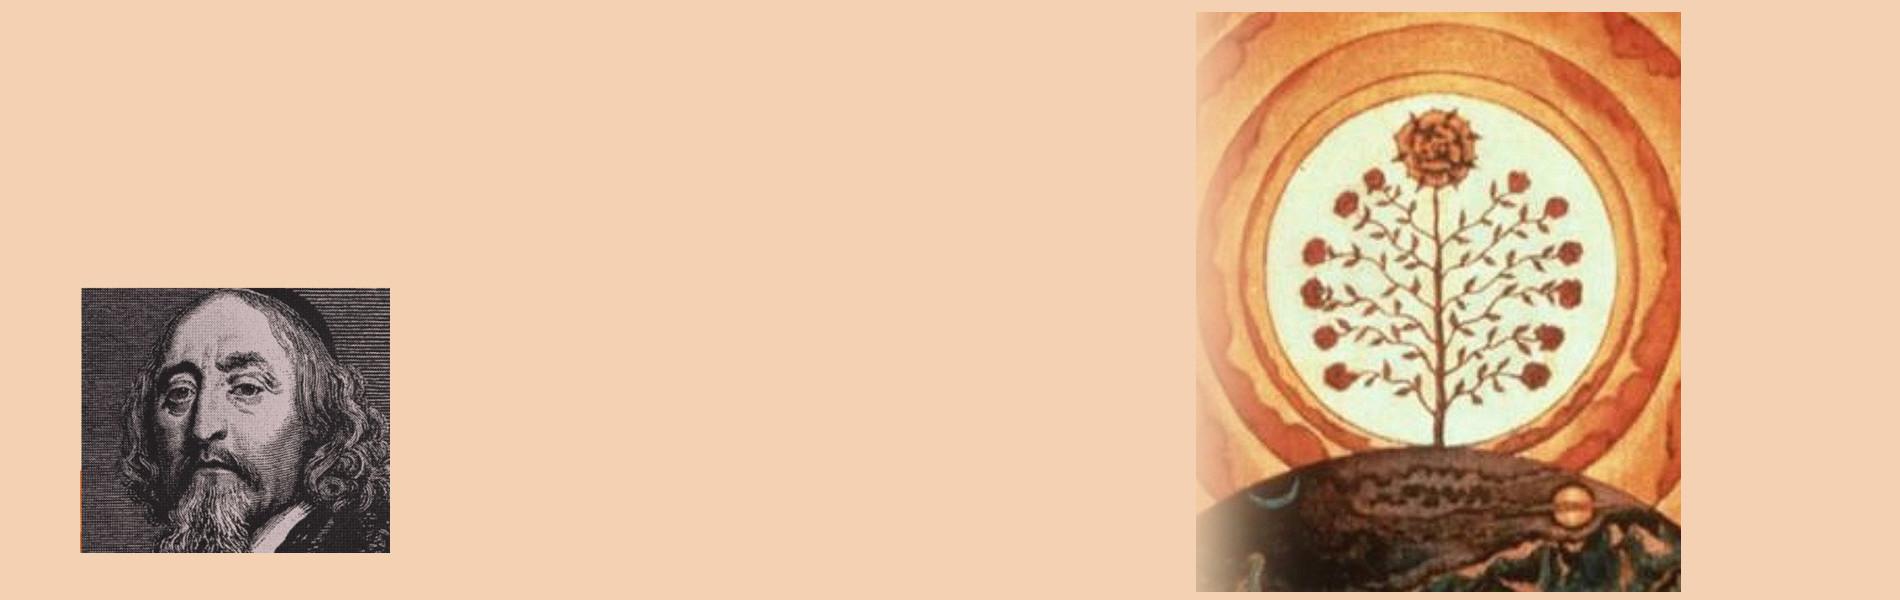 Sympózium Duchovní odkaz Jana Amose dnešku